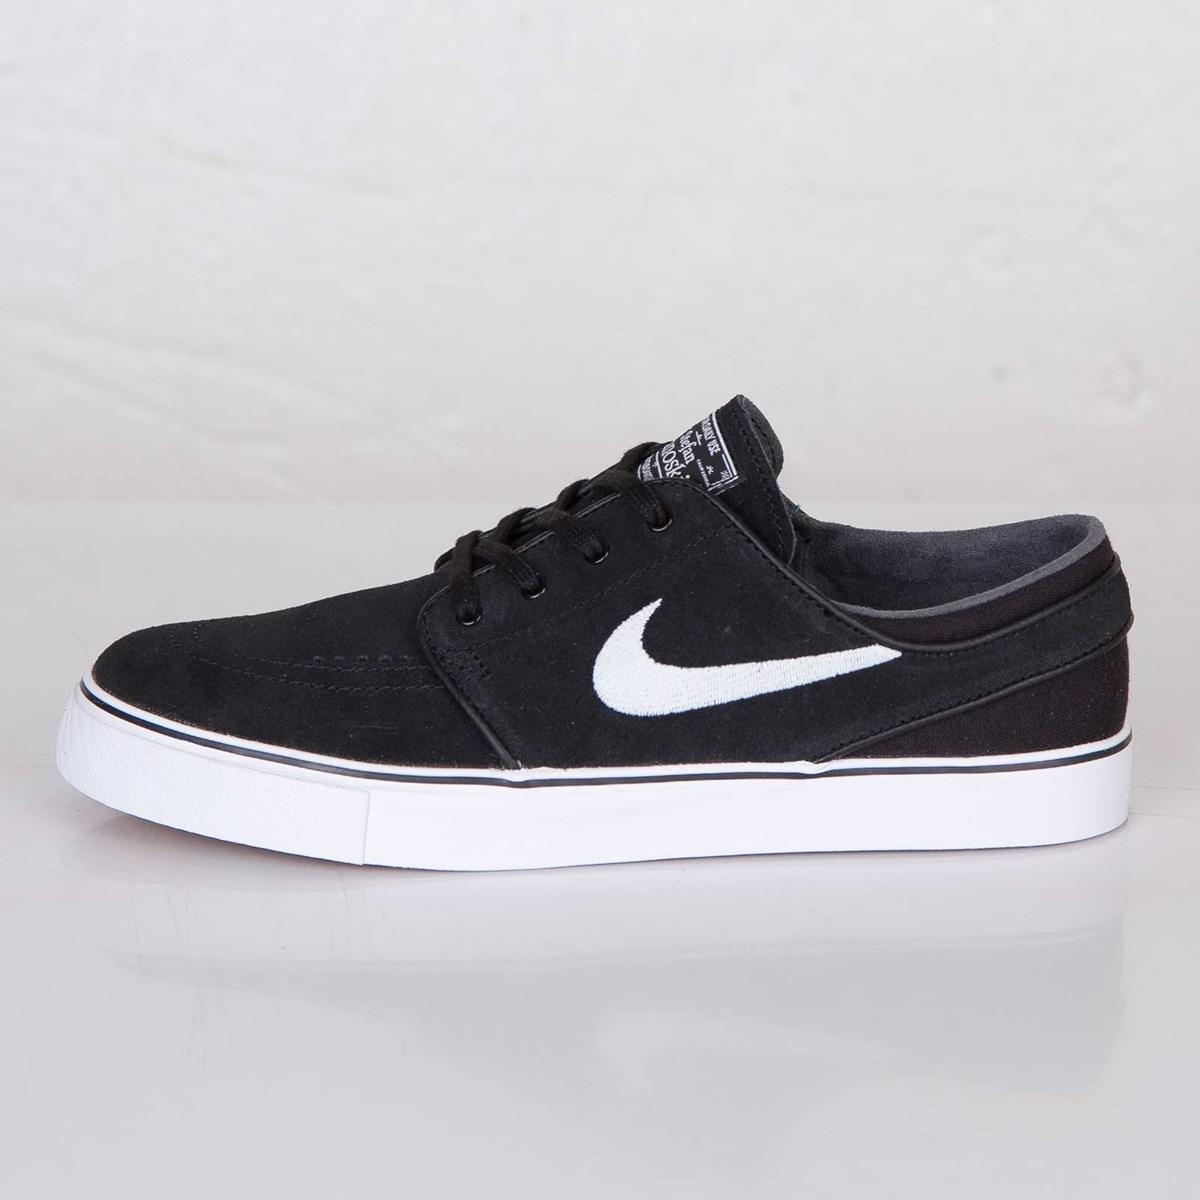 more photos 91d76 a7bea Nike Zoom Stefan Janoski - 333824-026 - Sneakersnstuff   sneakers   streetwear  online since 1999